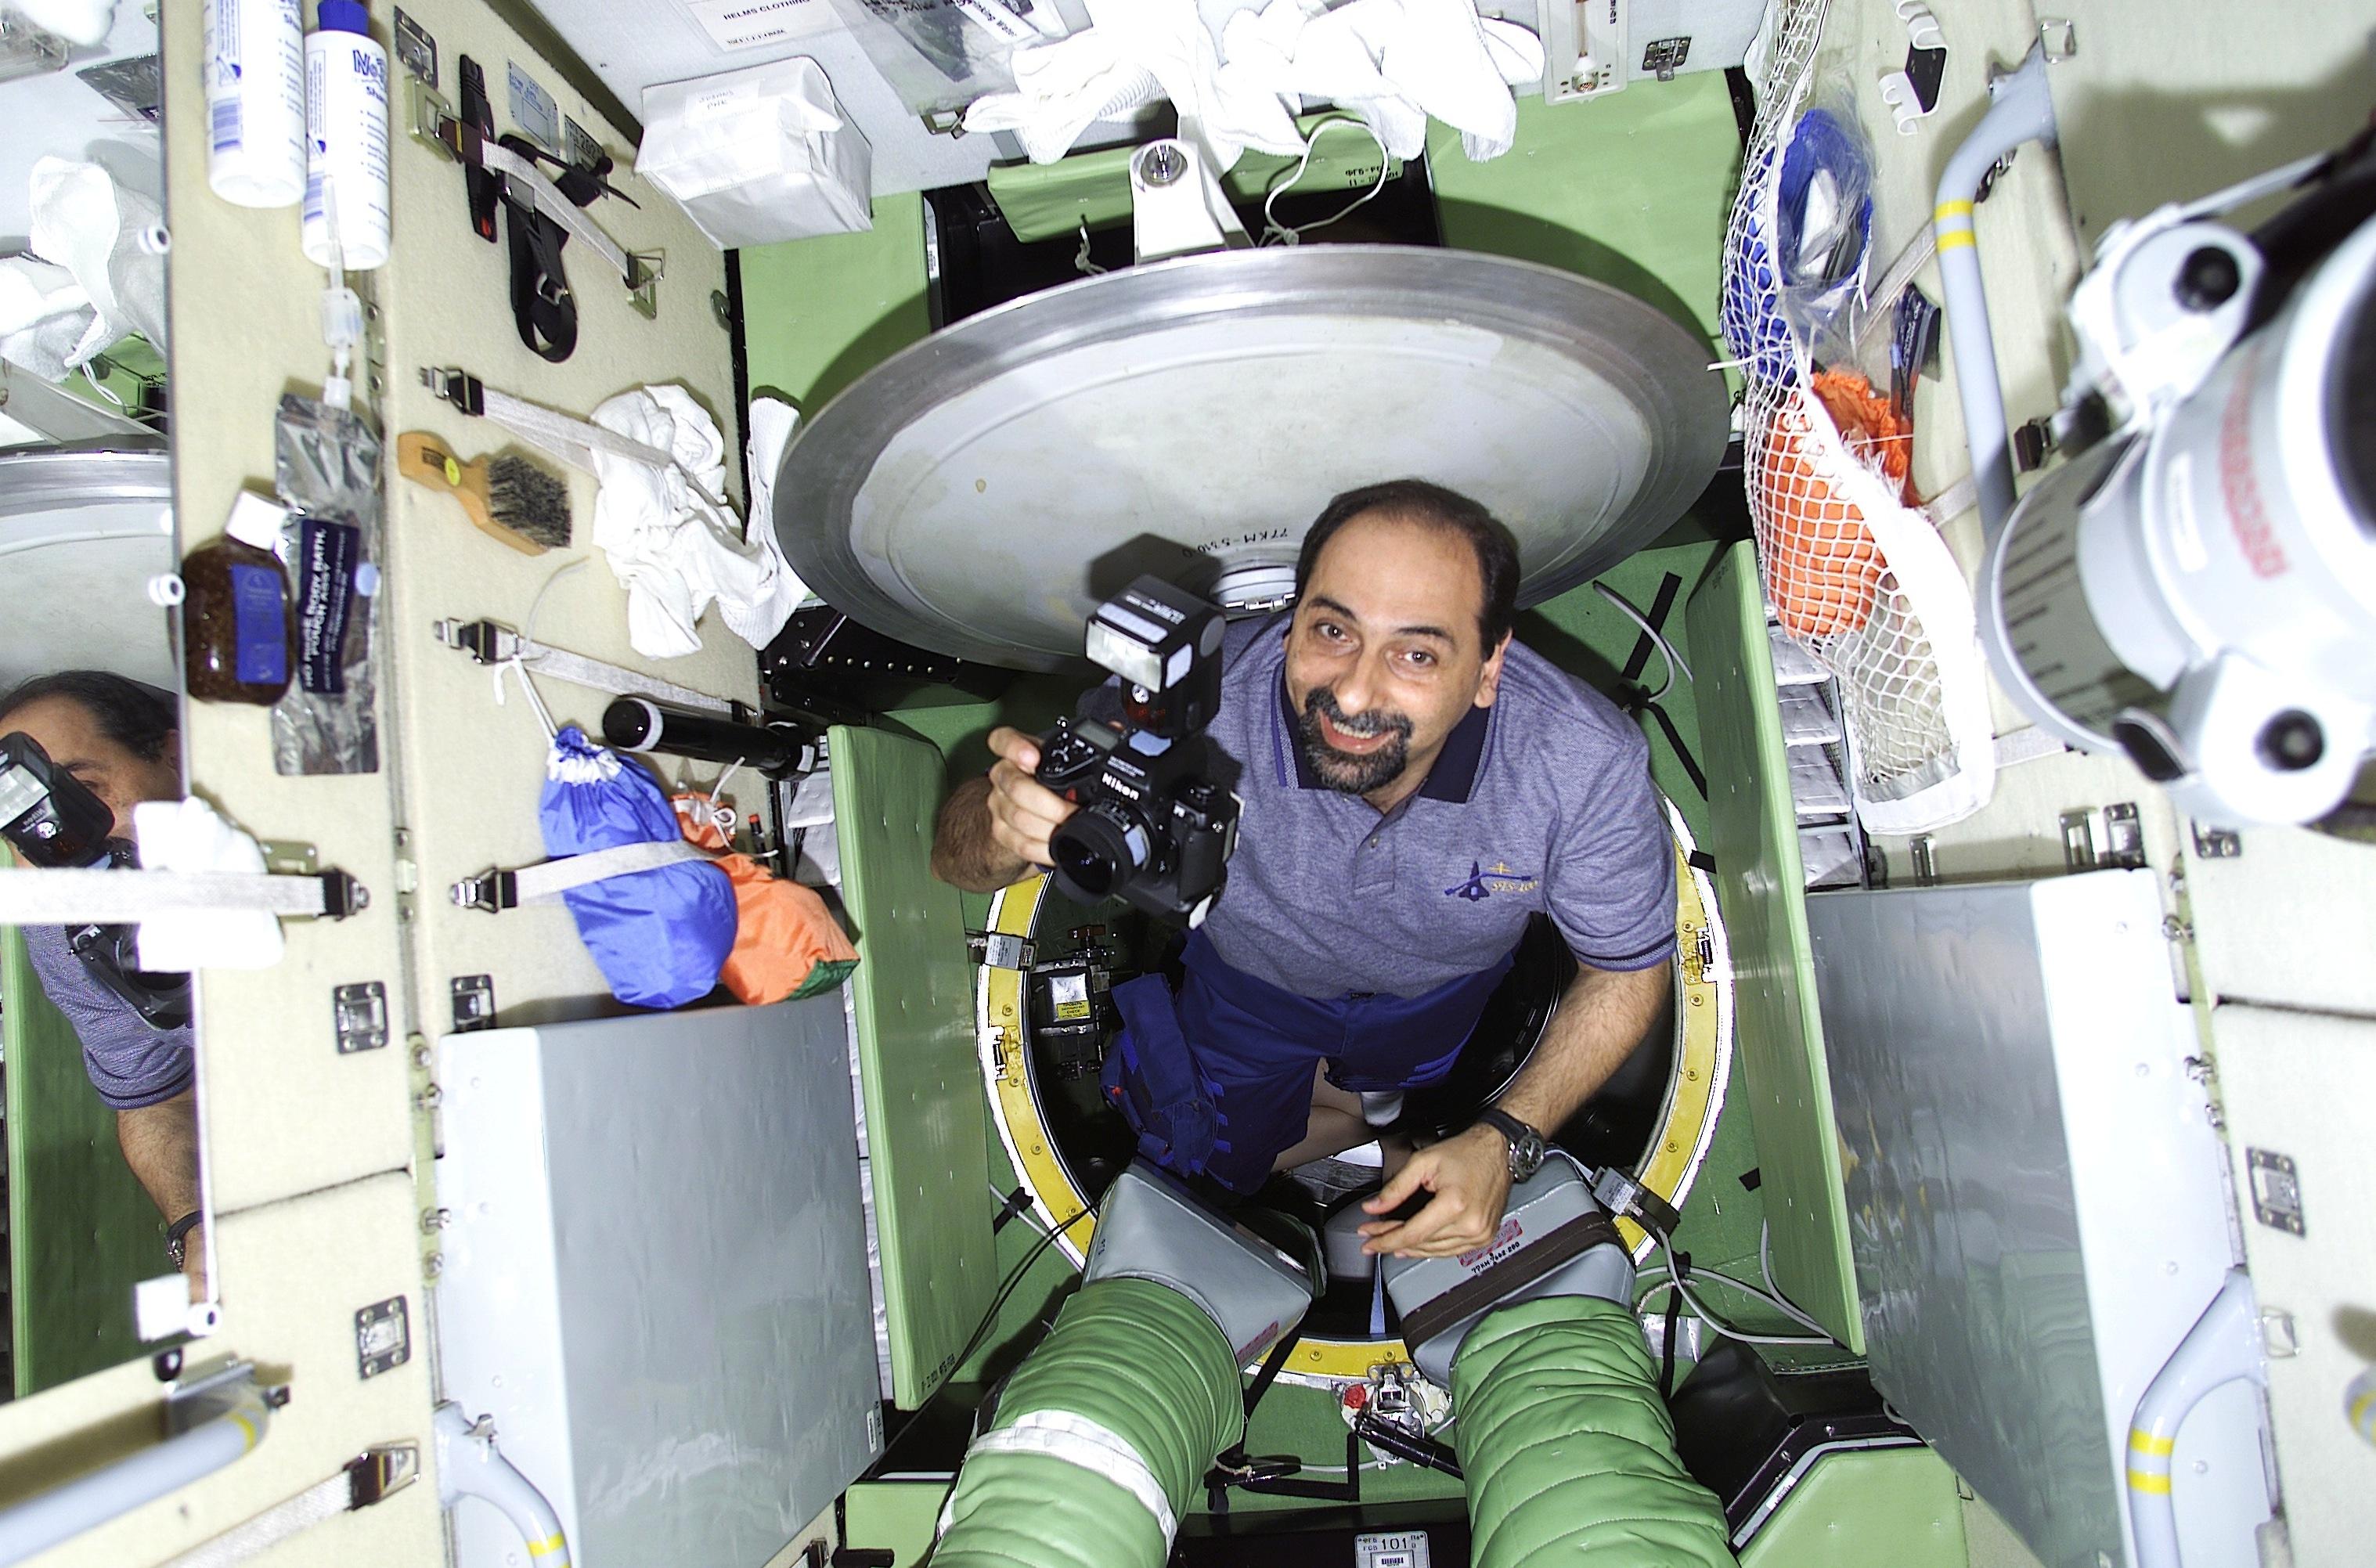 Ecco finalmente le risposte dell'astronauta Umberto Guidoni alle vostre domande, raccolte grazie al post #AskToGuidoni dello scorso settembre.